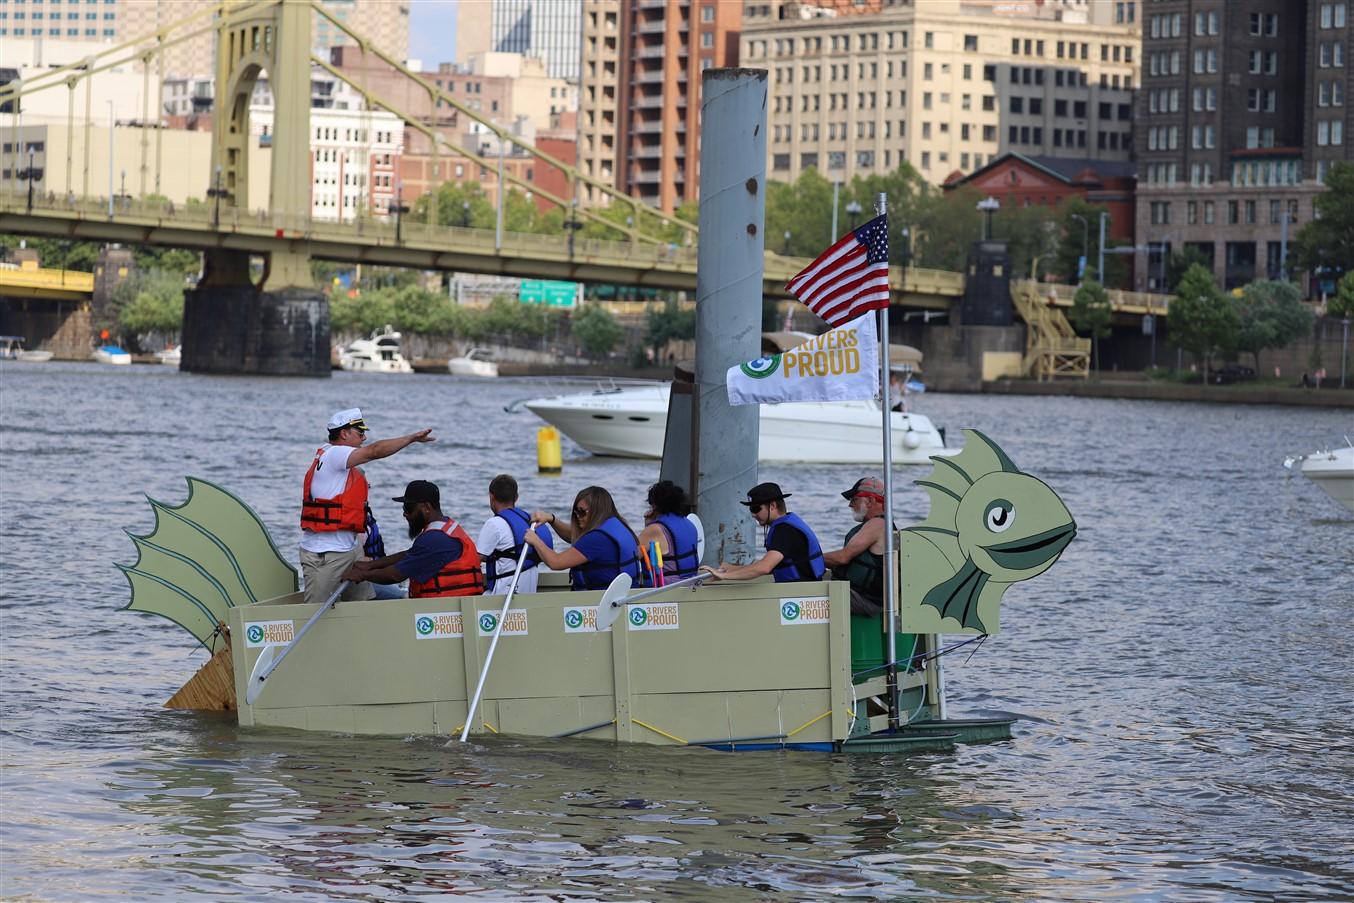 2018 08 04 299 Pittsburgh Three Rivers Regatta.jpg